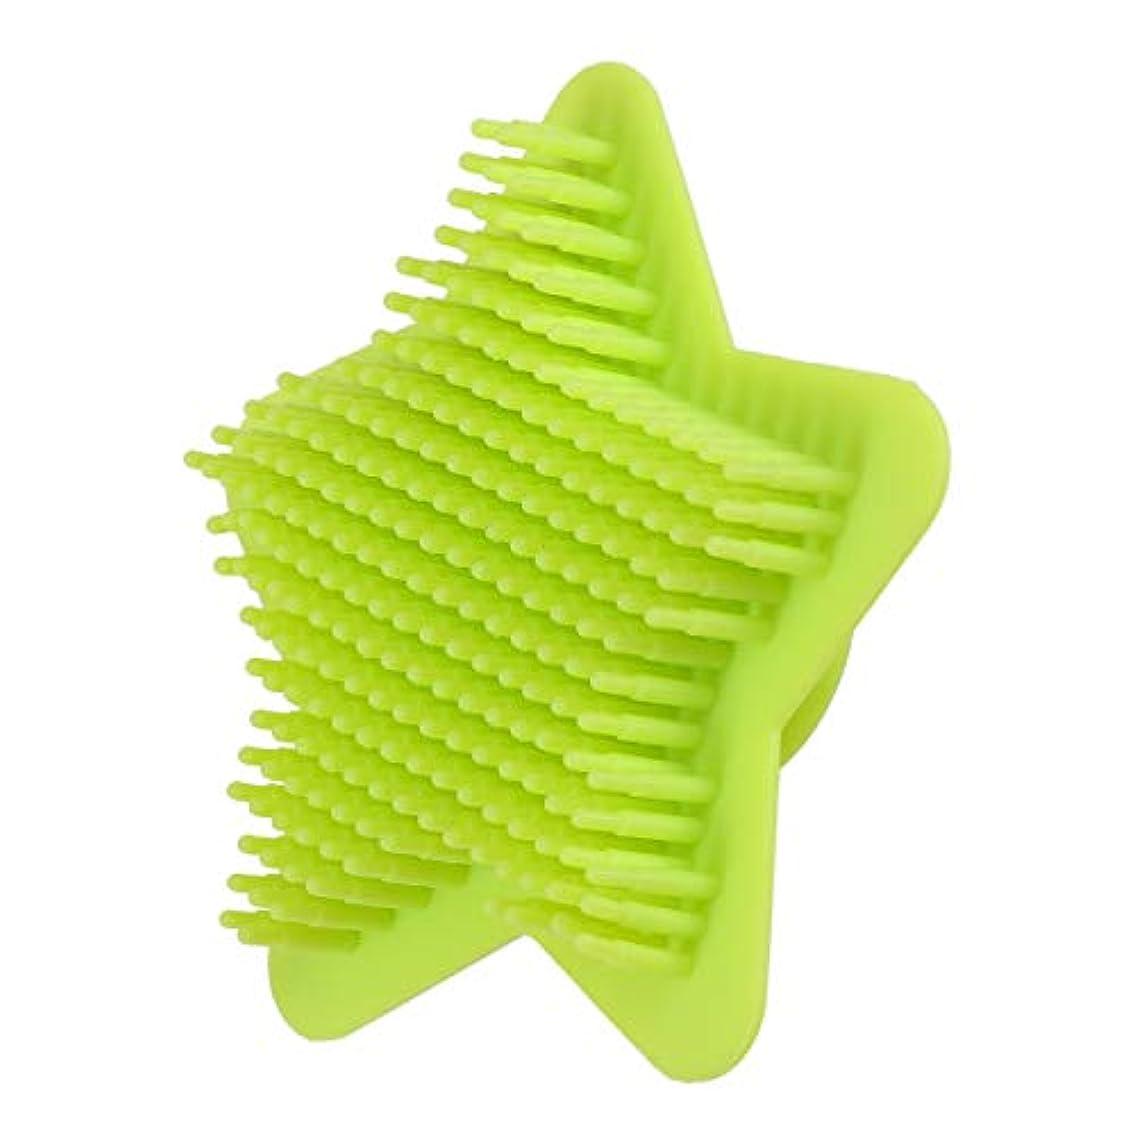 性交準備ができて導入するHealifty ヘアシャンプーブラシ頭皮シャワースクラバーマッサージブラシバスブラシソフトボディマッサージャー洗浄コームボディシャワーバスブラシ(グリーン)